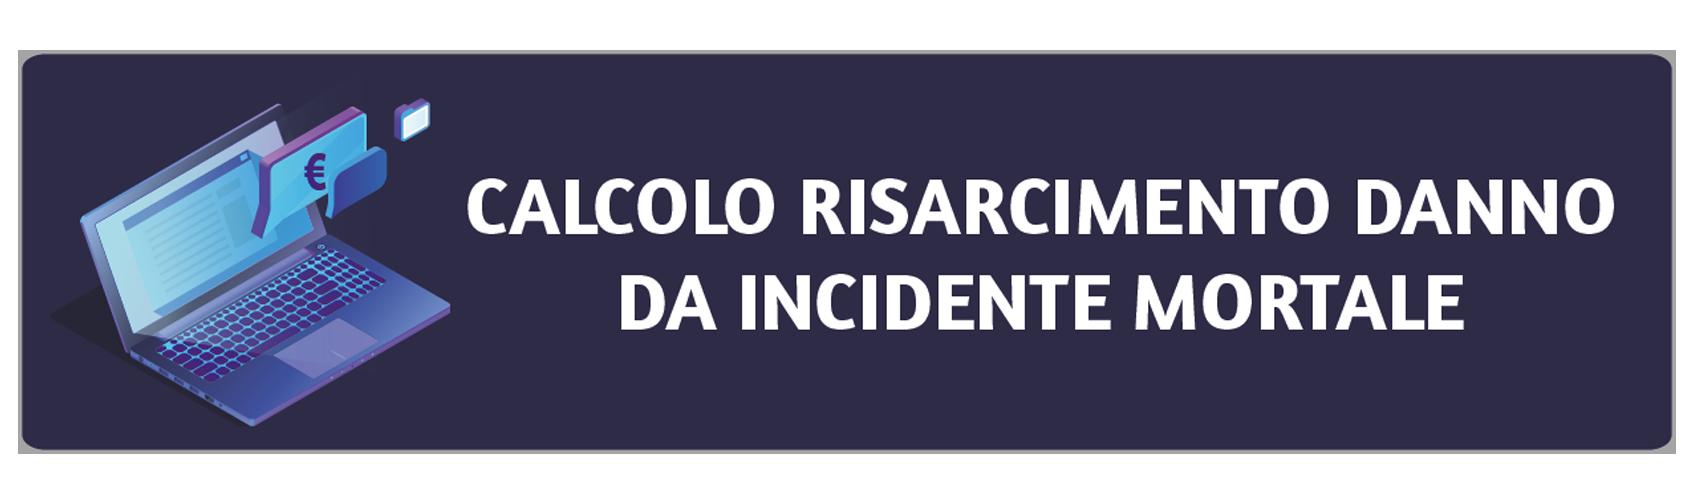 pulsante_risarcimento_danni